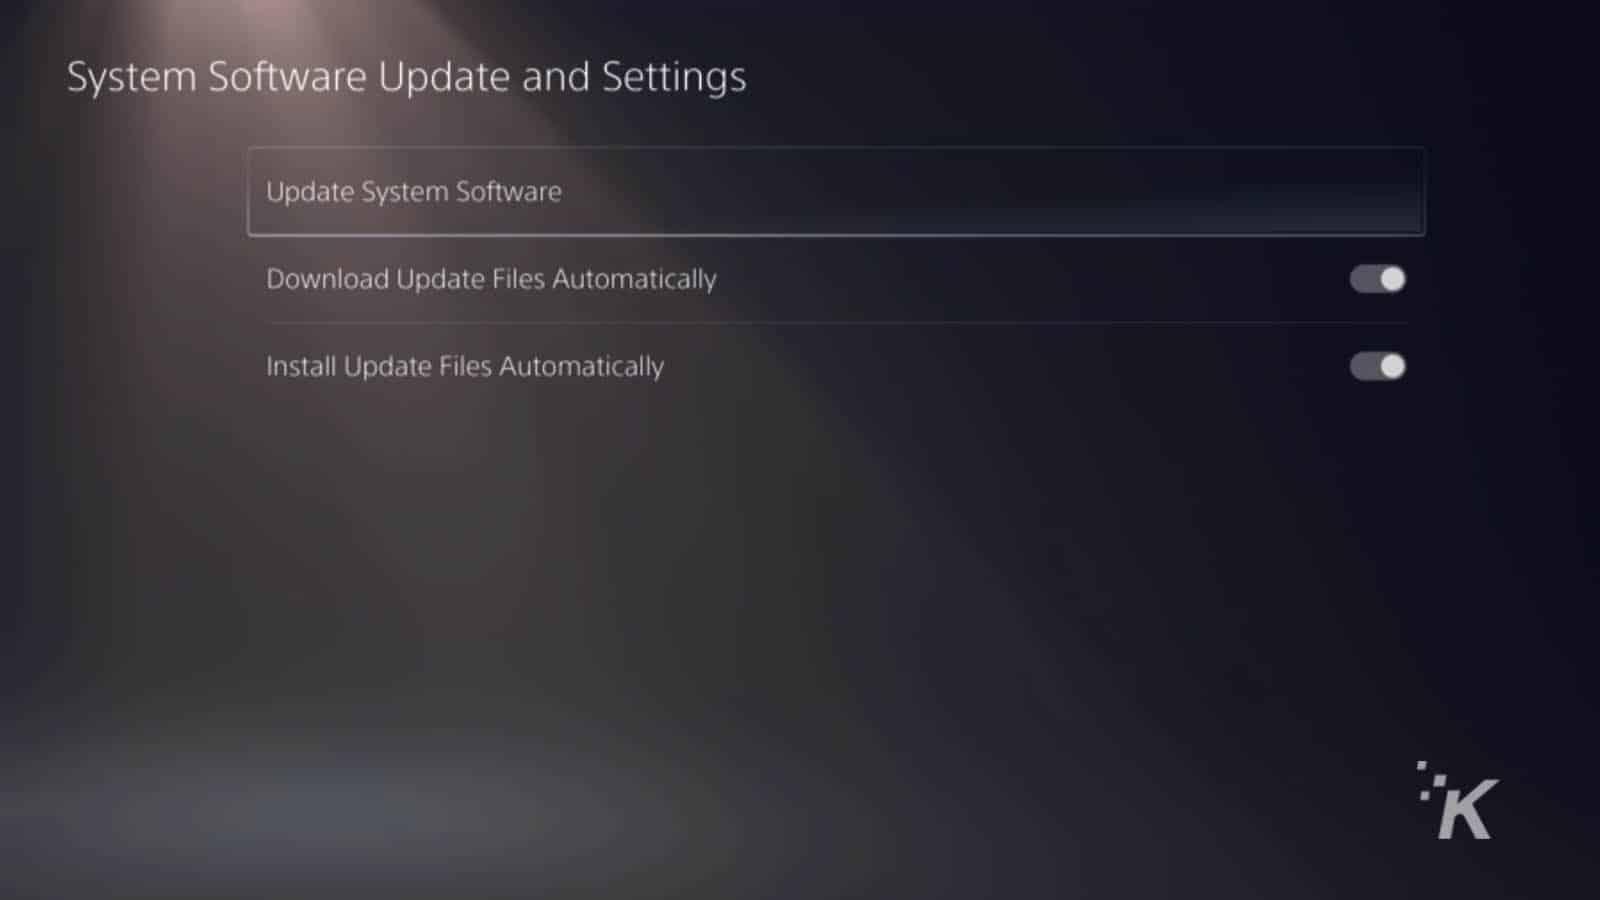 ps5 update screens